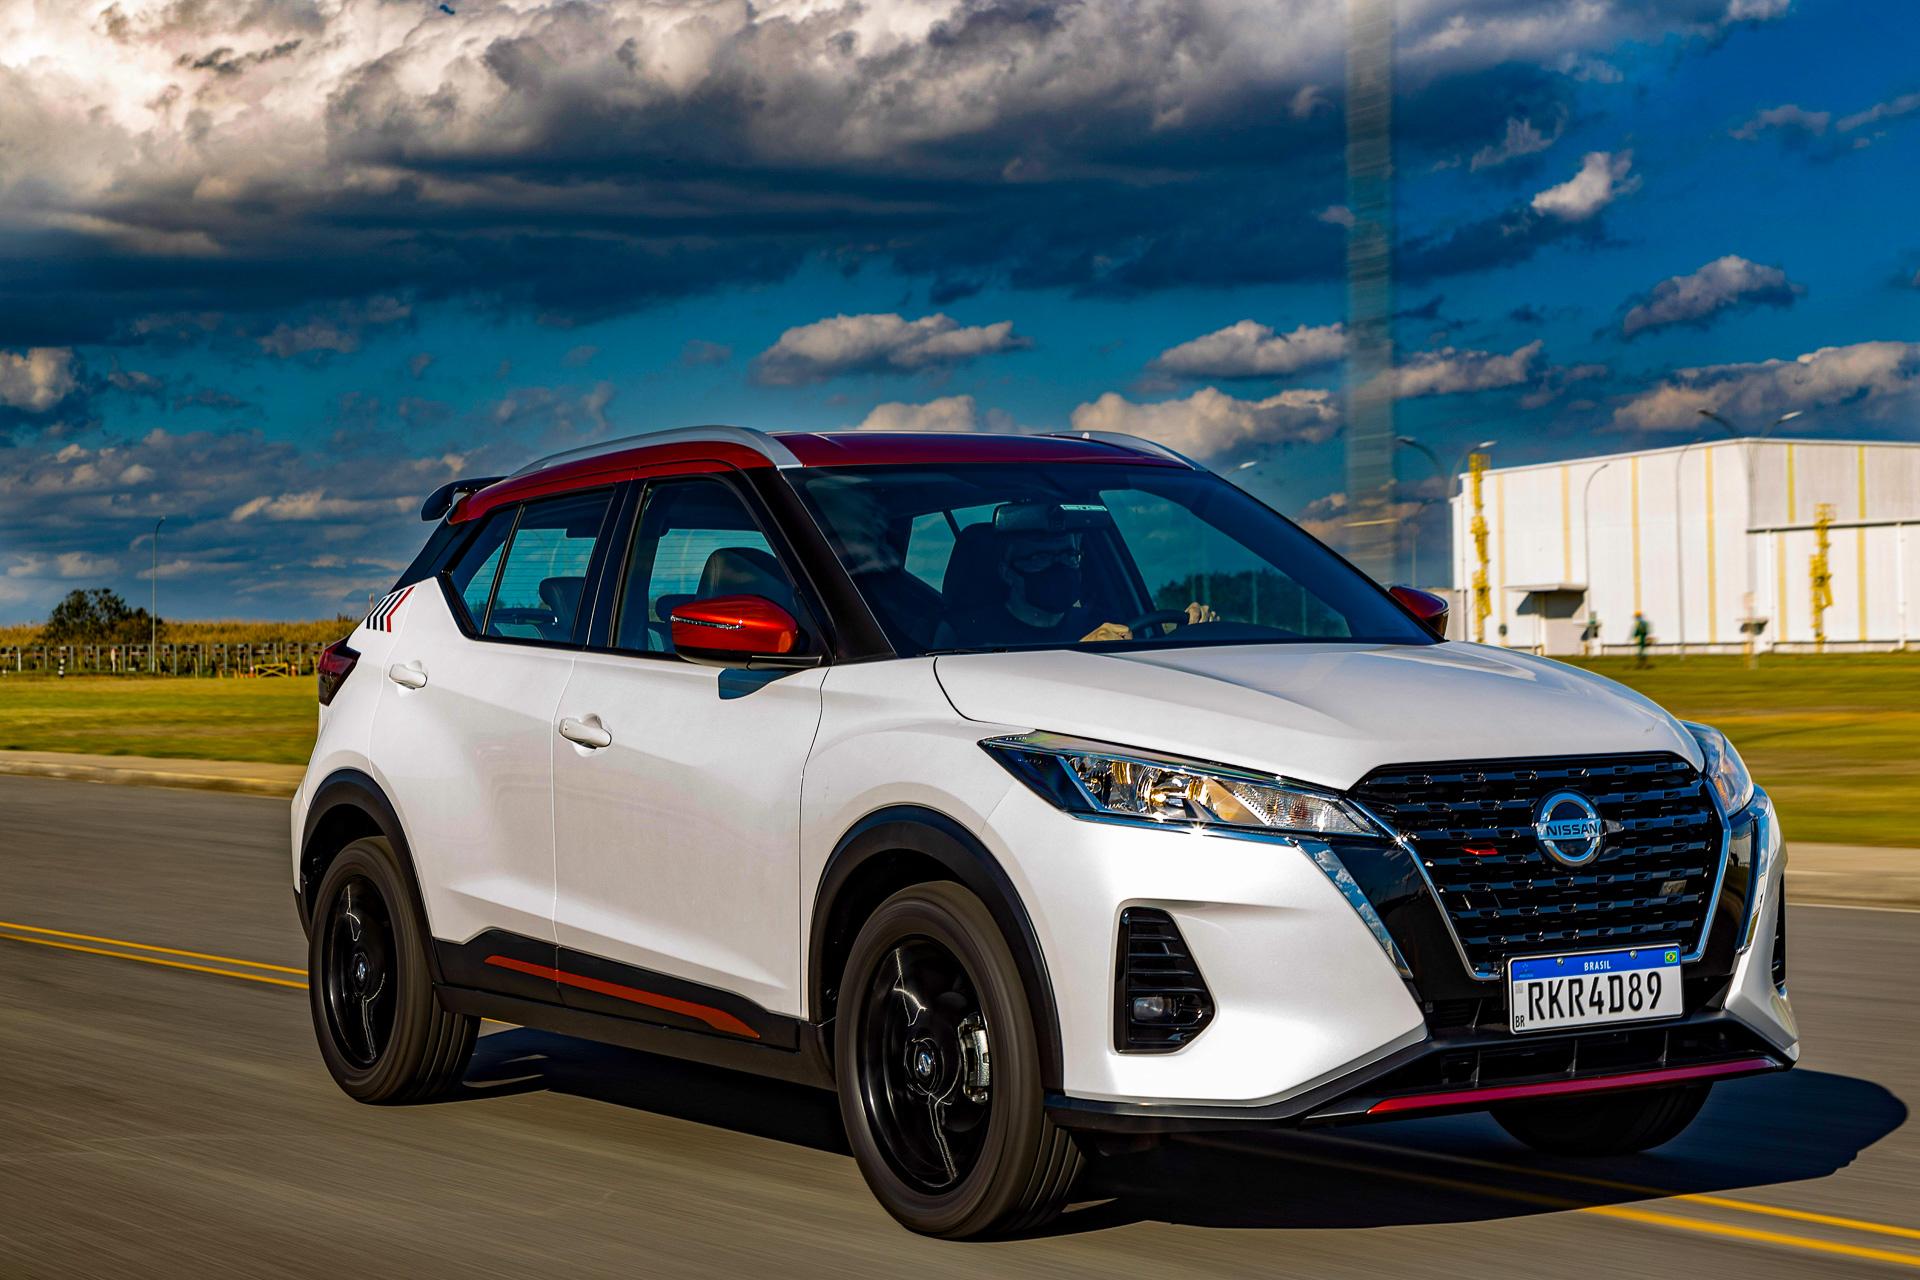 Nissan Kicks ganha série especial que traz obras de arte exclusivas em NFT